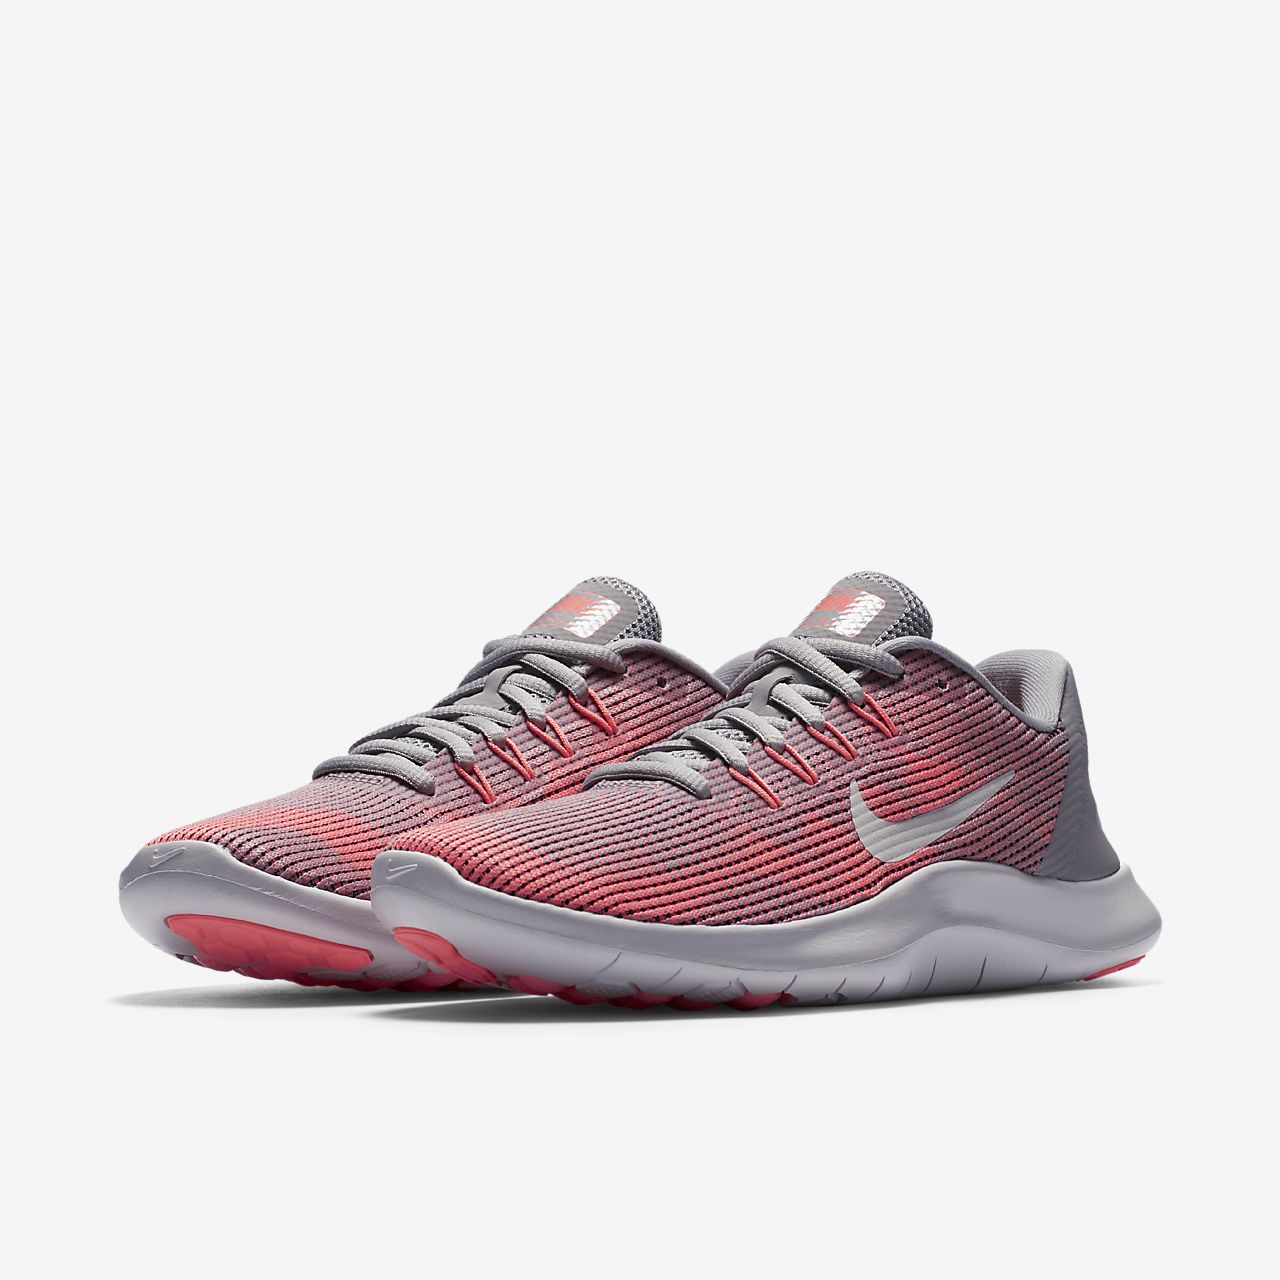 Wmns Nike Connecter - Chaussures Pour femmes / Orange Nike t4CwN7aKsz